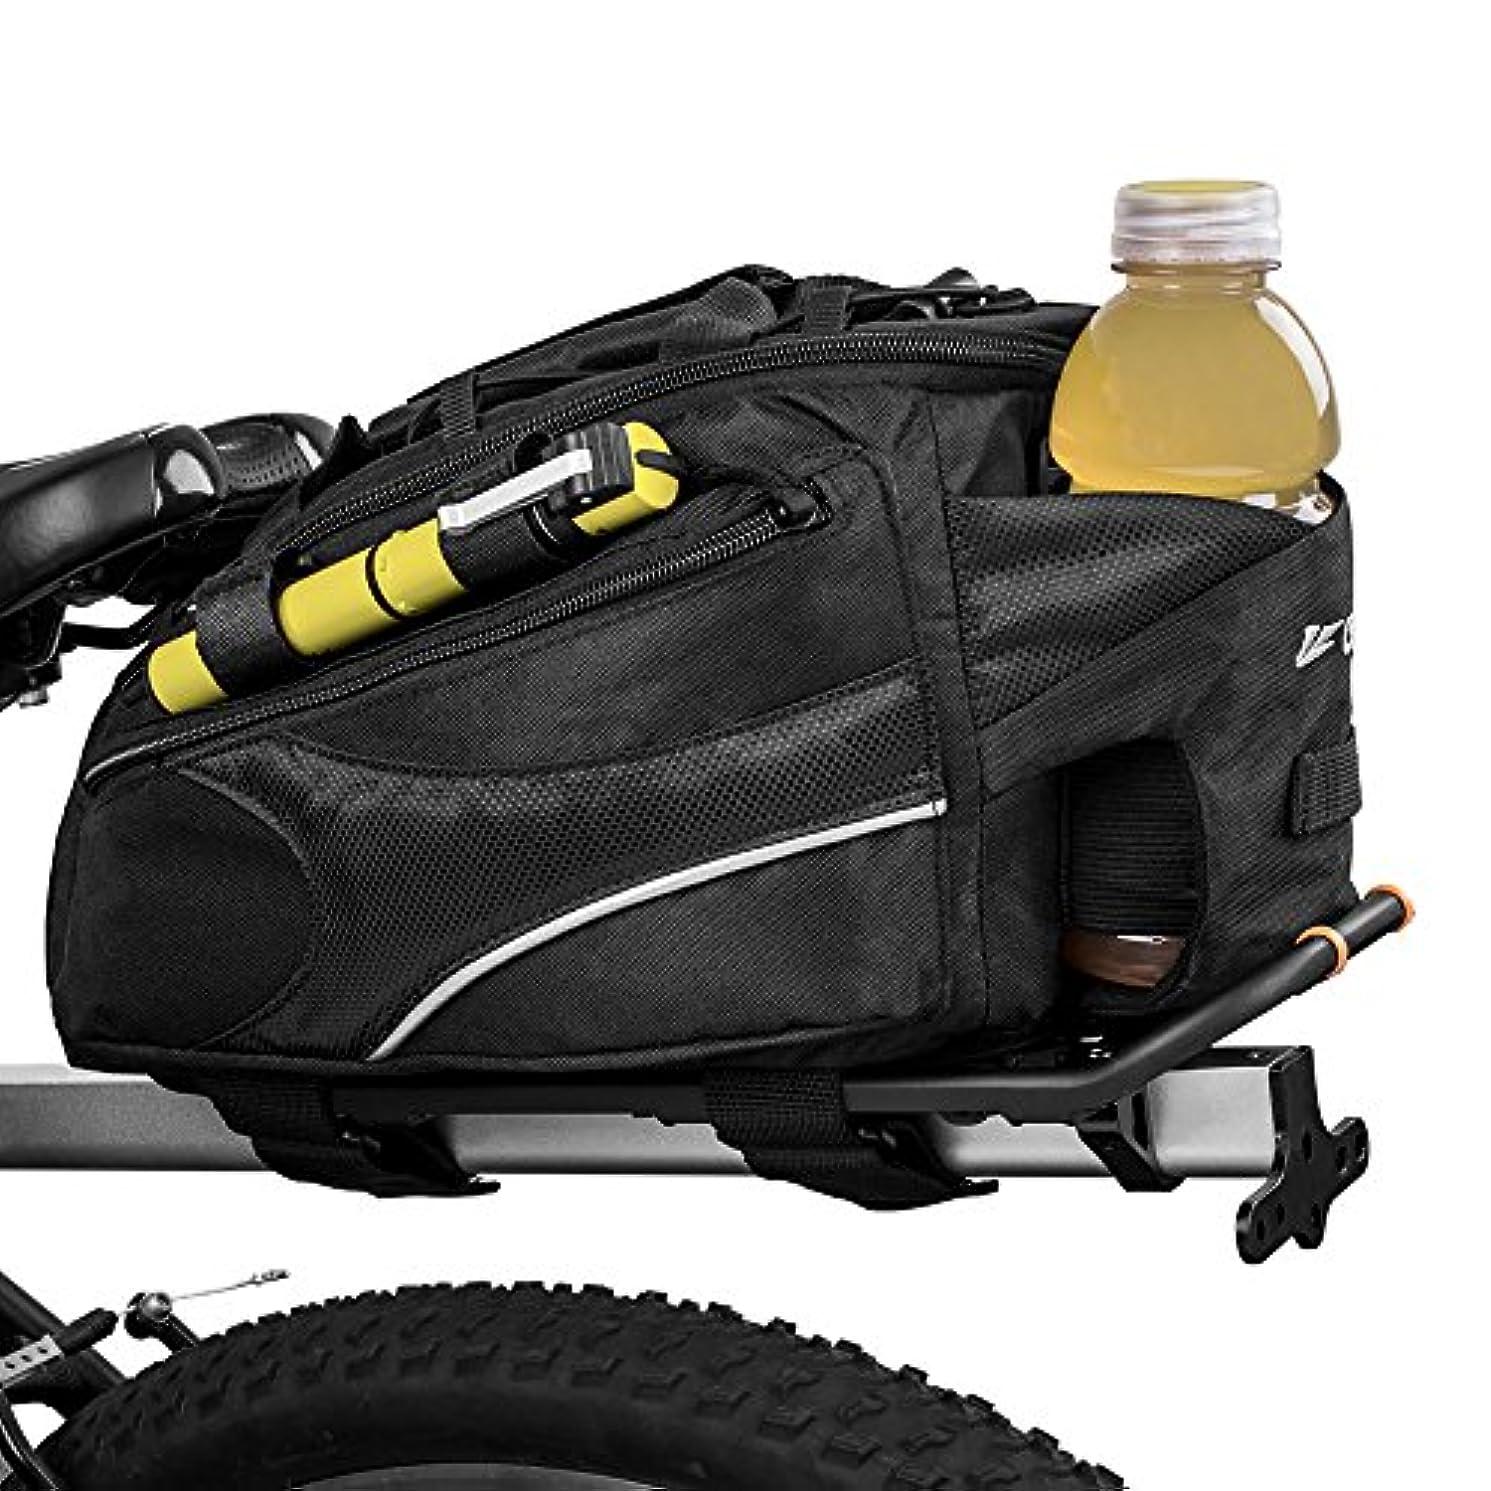 小切手口述する仲介者BV(ビーブイ) 自転車用コミューターキャリア取付用トランクバッグ ポンプ向きマジックテープアタッチメント付 ウォーターボトル用の小さなポケット付 ショルダーストラップ付属